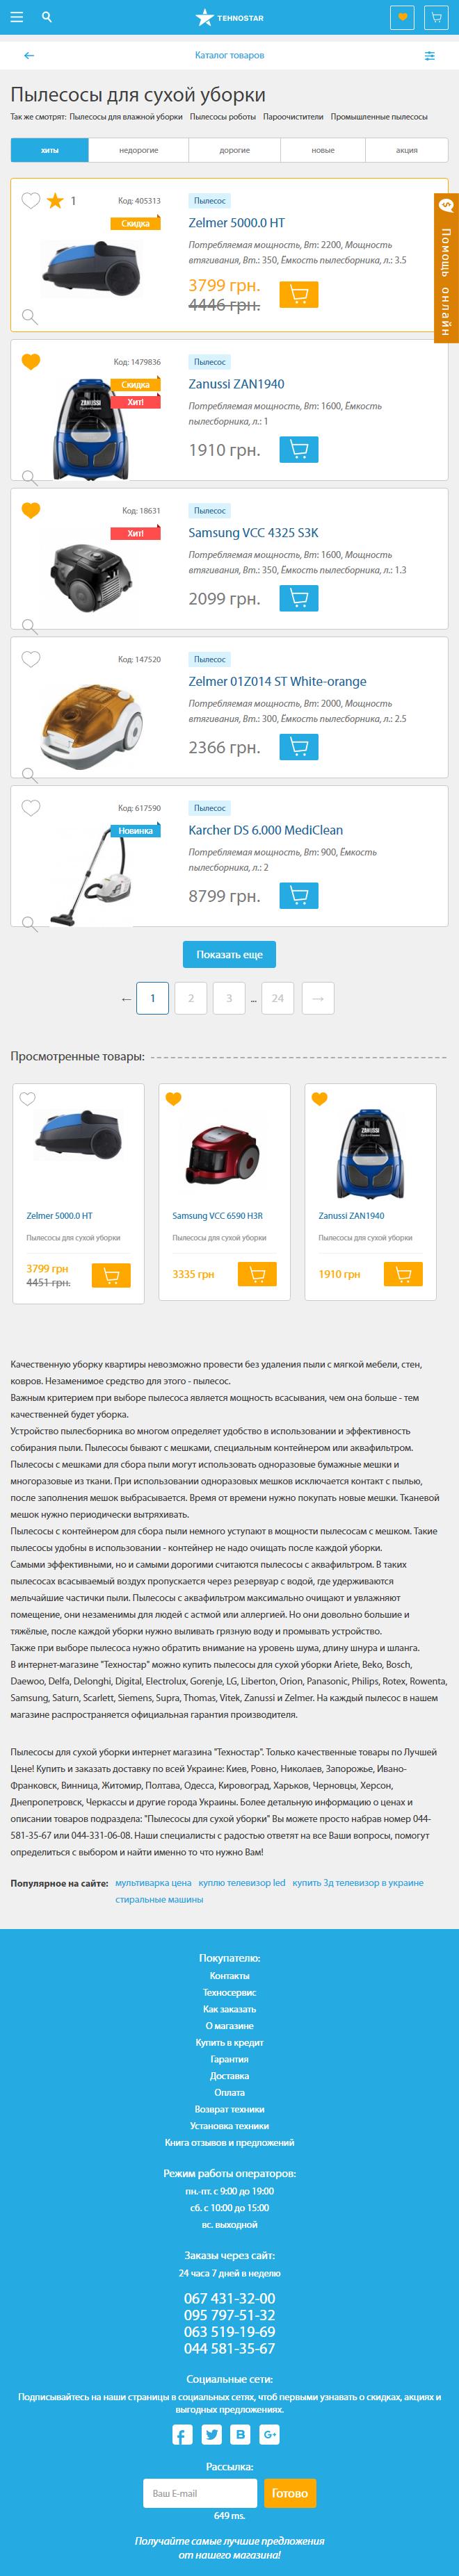 Техника и товары для дома